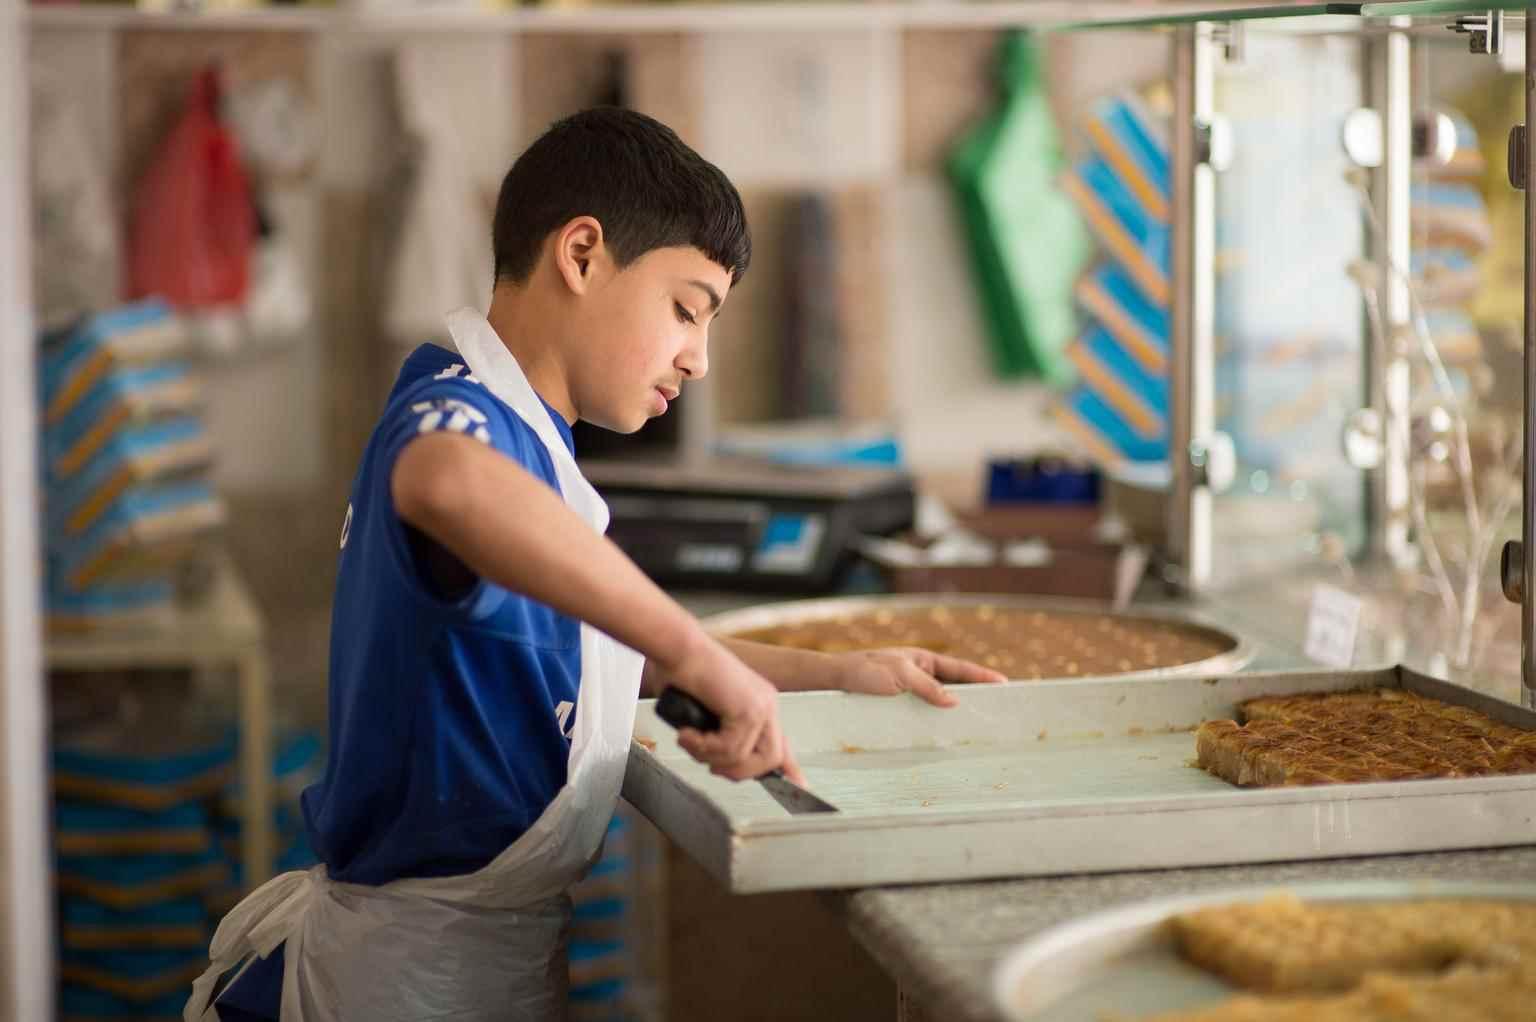 """يقطع محمد، البالغ من العمر 12 عامًا، الحلوى، ويتحدث، """"كنت أدرس في سوريا، وذهبت إلى المدرسة، واعتدت أن أكون قادرًا على الكتابة"""".  ليتابع """"أعمل هنا من الساعة 11:00 حتى 11:00، والدتي مريضة، وكذلك والدي، ولدي خمس أخوات وأنا الابن الوحيد، عندما أعود، لا أرى أحدًا لأنهم يكونوا نائمين، مؤكدًا أنه إذا لم يعمل فلا يوجد من سيساعده هو وعائلته- آذار 2014 الأردن (يونيسيف)"""